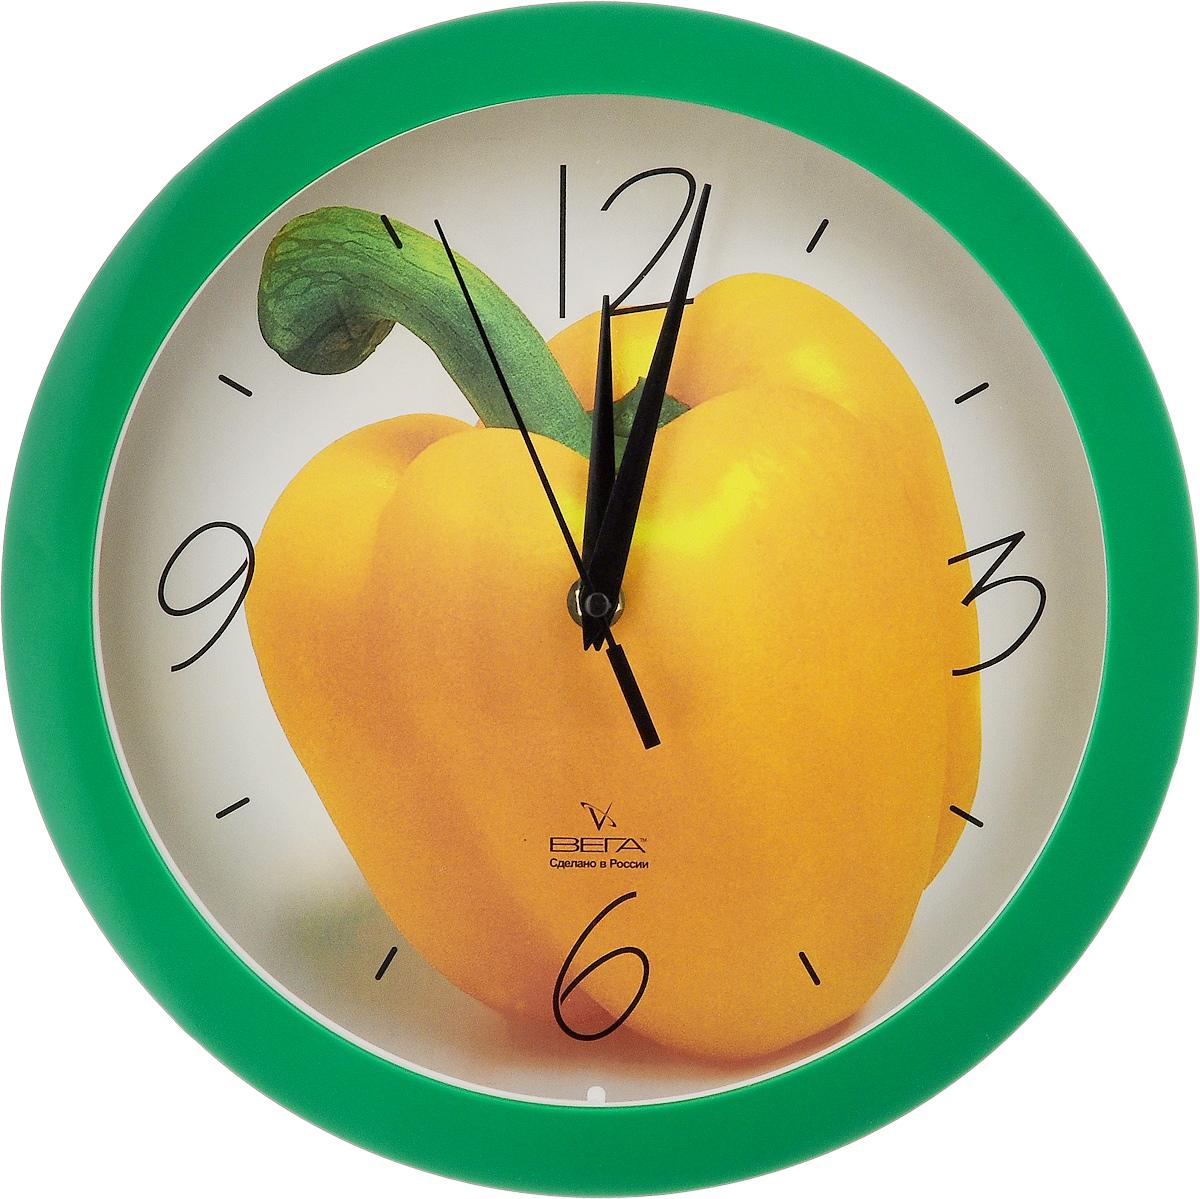 Часы настенные Вега Желтый перец, диаметр 28,5 смП1-3/7-28Настенные кварцевые часы Вега Желтый перец, изготовленные из пластика, прекрасно впишутся в интерьер вашего дома. Круглые часы имеют три стрелки: часовую, минутную и секундную, циферблат защищен прозрачным стеклом. Часы работают от 1 батарейки типа АА напряжением 1,5 В (не входит в комплект). Диаметр часов: 28,5 см.